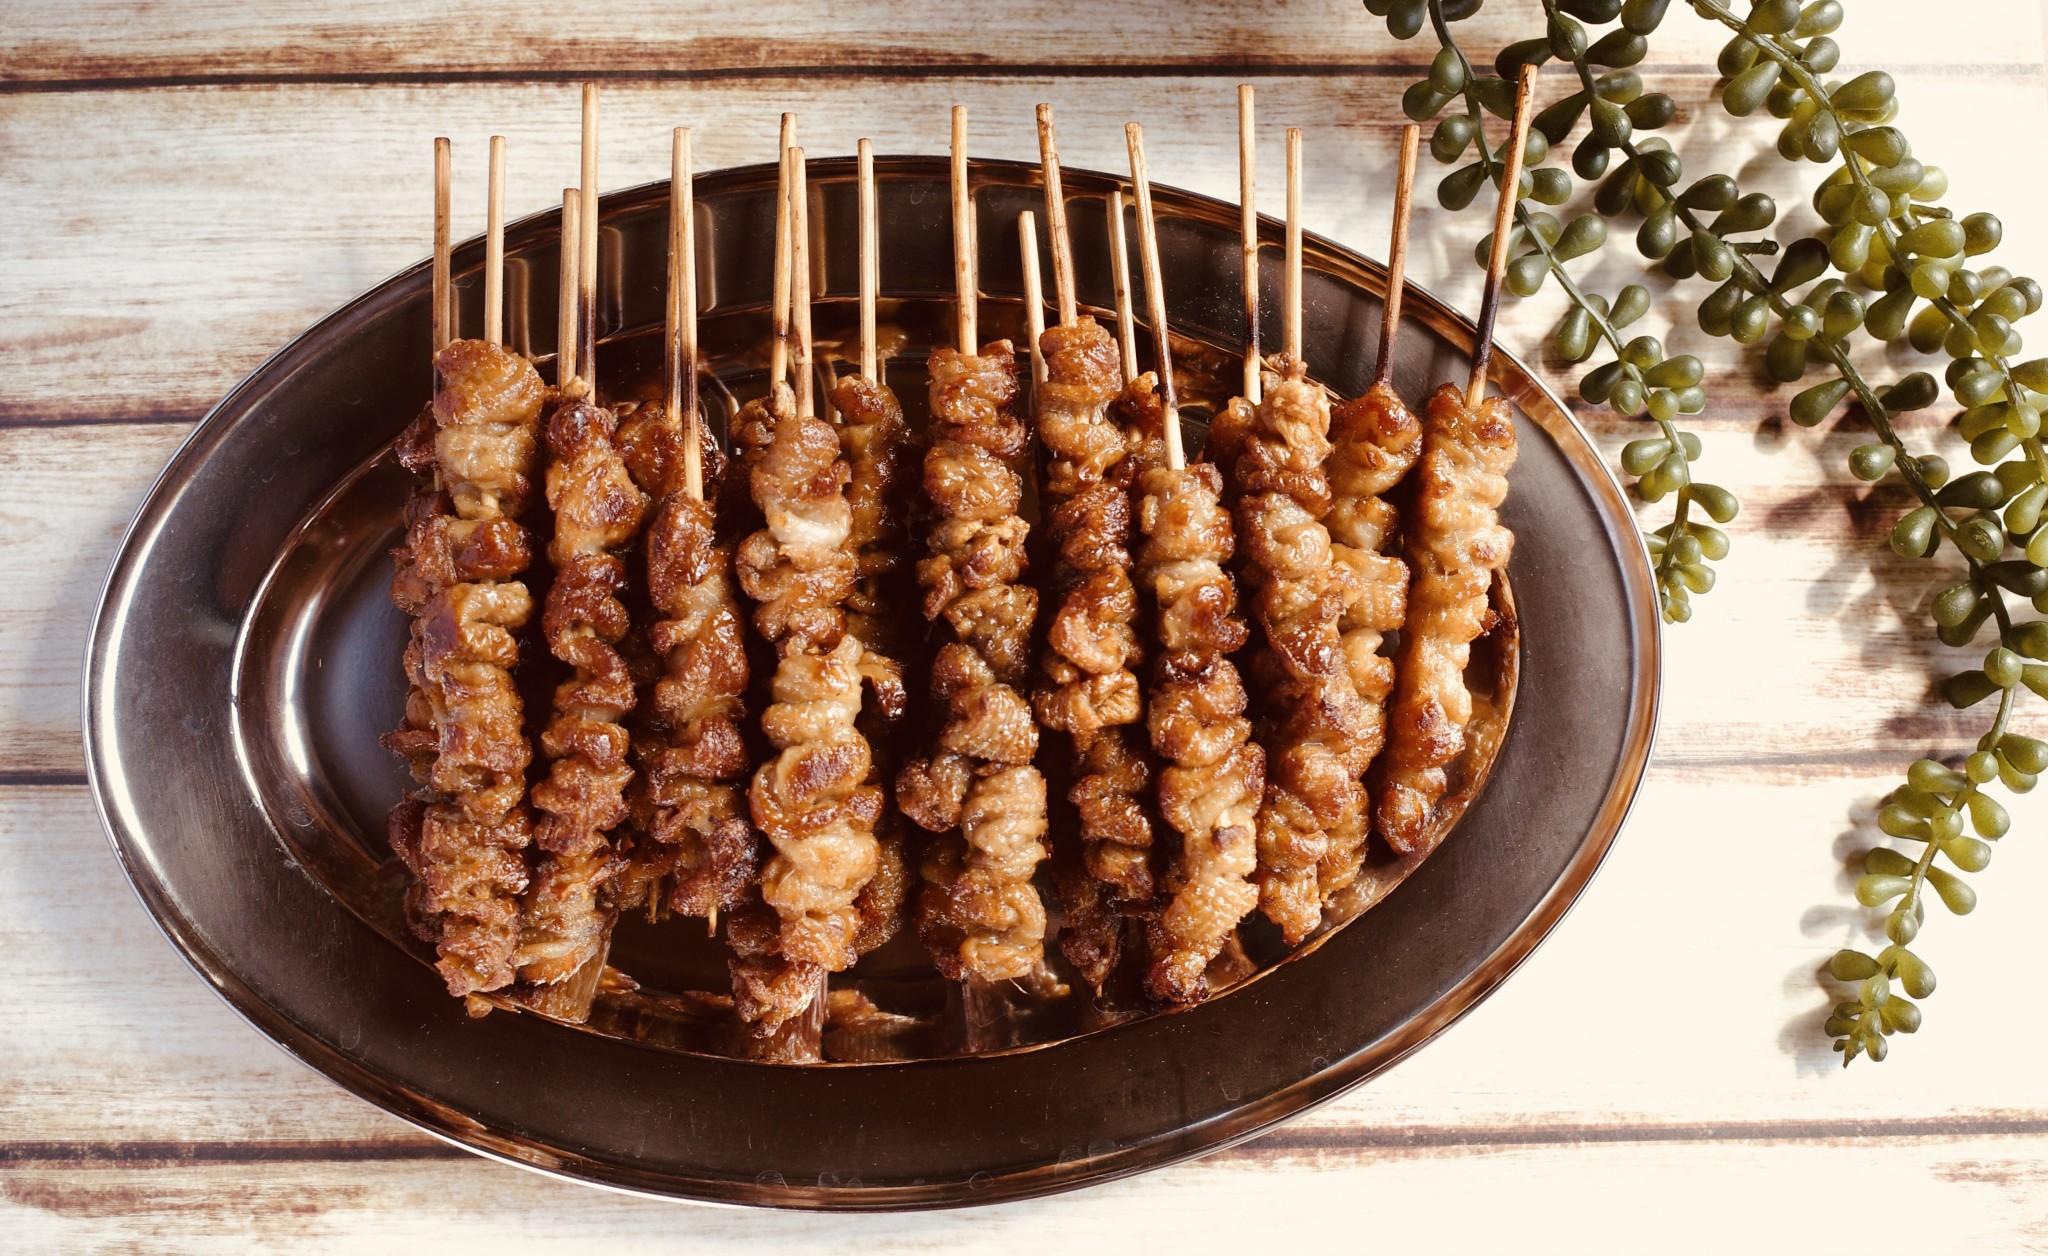 博多名物のカリカリ鶏皮。焼き鳥居酒屋〈竹乃屋〉の博多ぐるぐるとりかわをお取り寄せ。